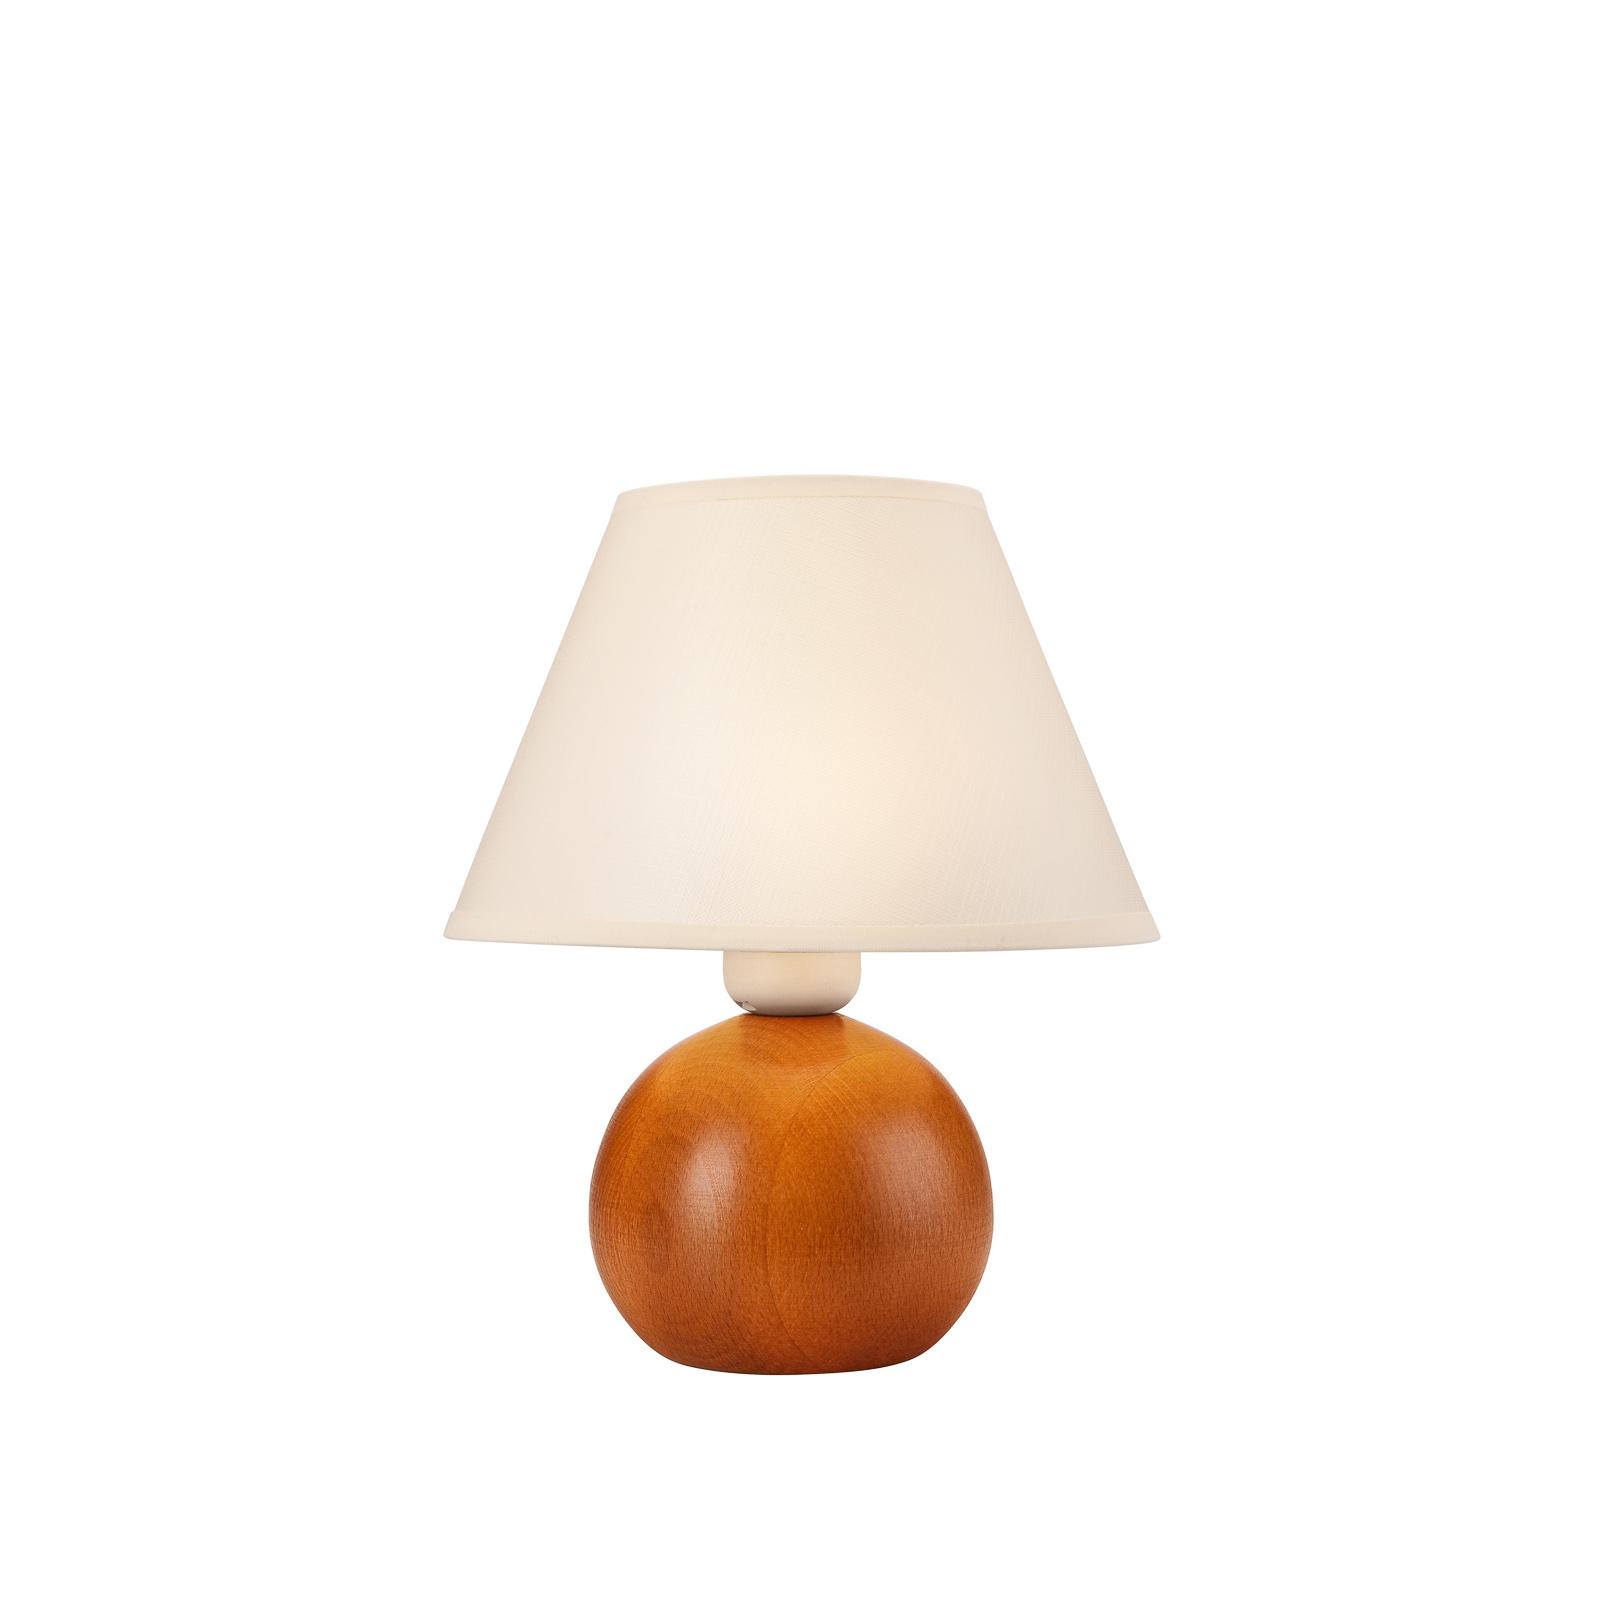 Gill bordlampe, rustikt træ/hvid skærm